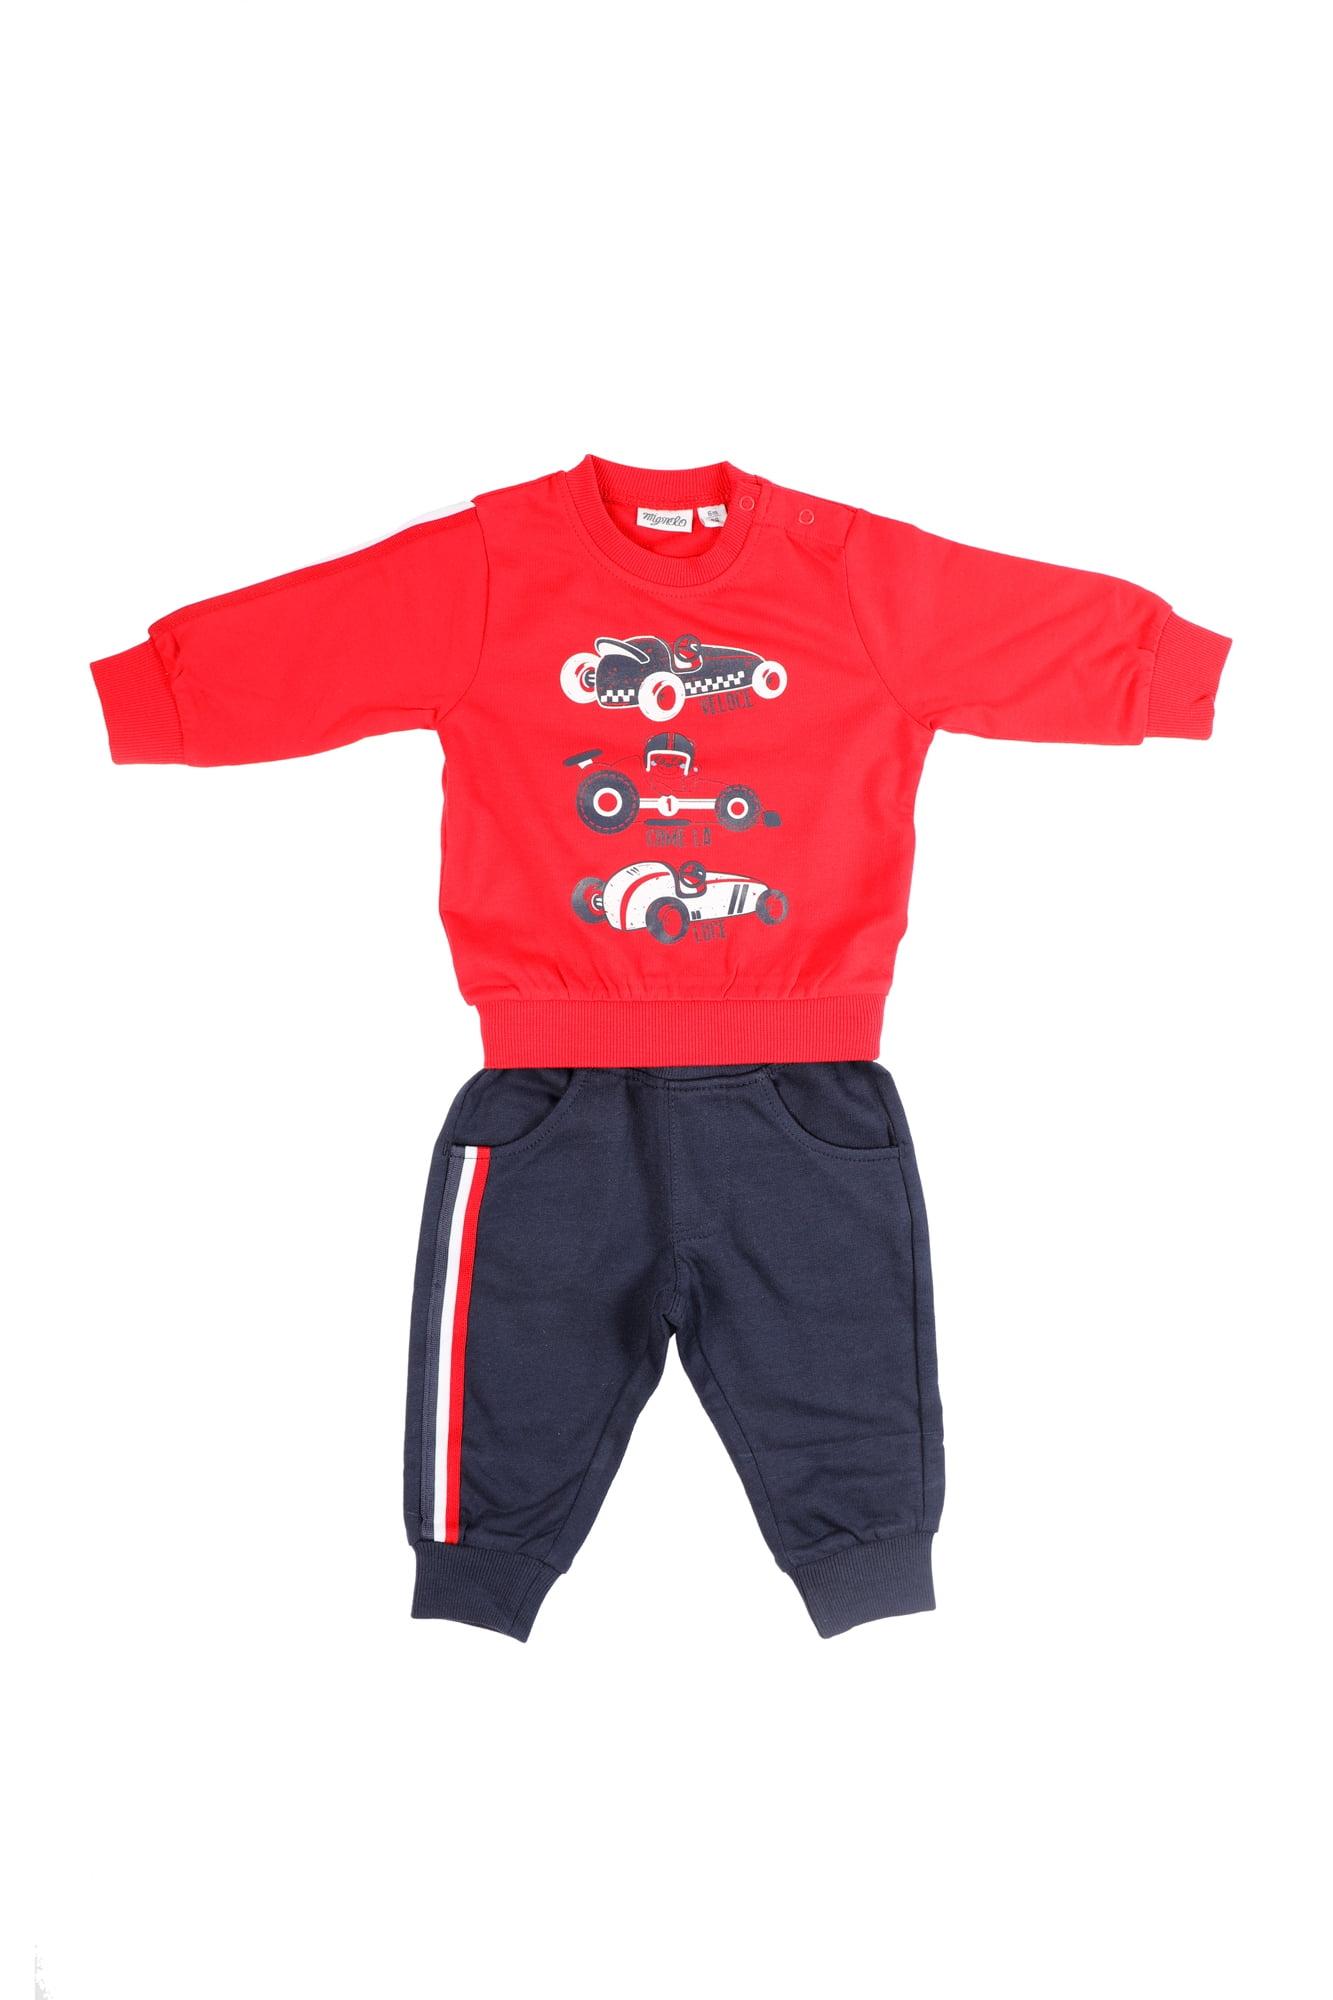 Tuta neonato rossa/blu girocollo - Pantalone Blu con tasche anteriori e posteriori